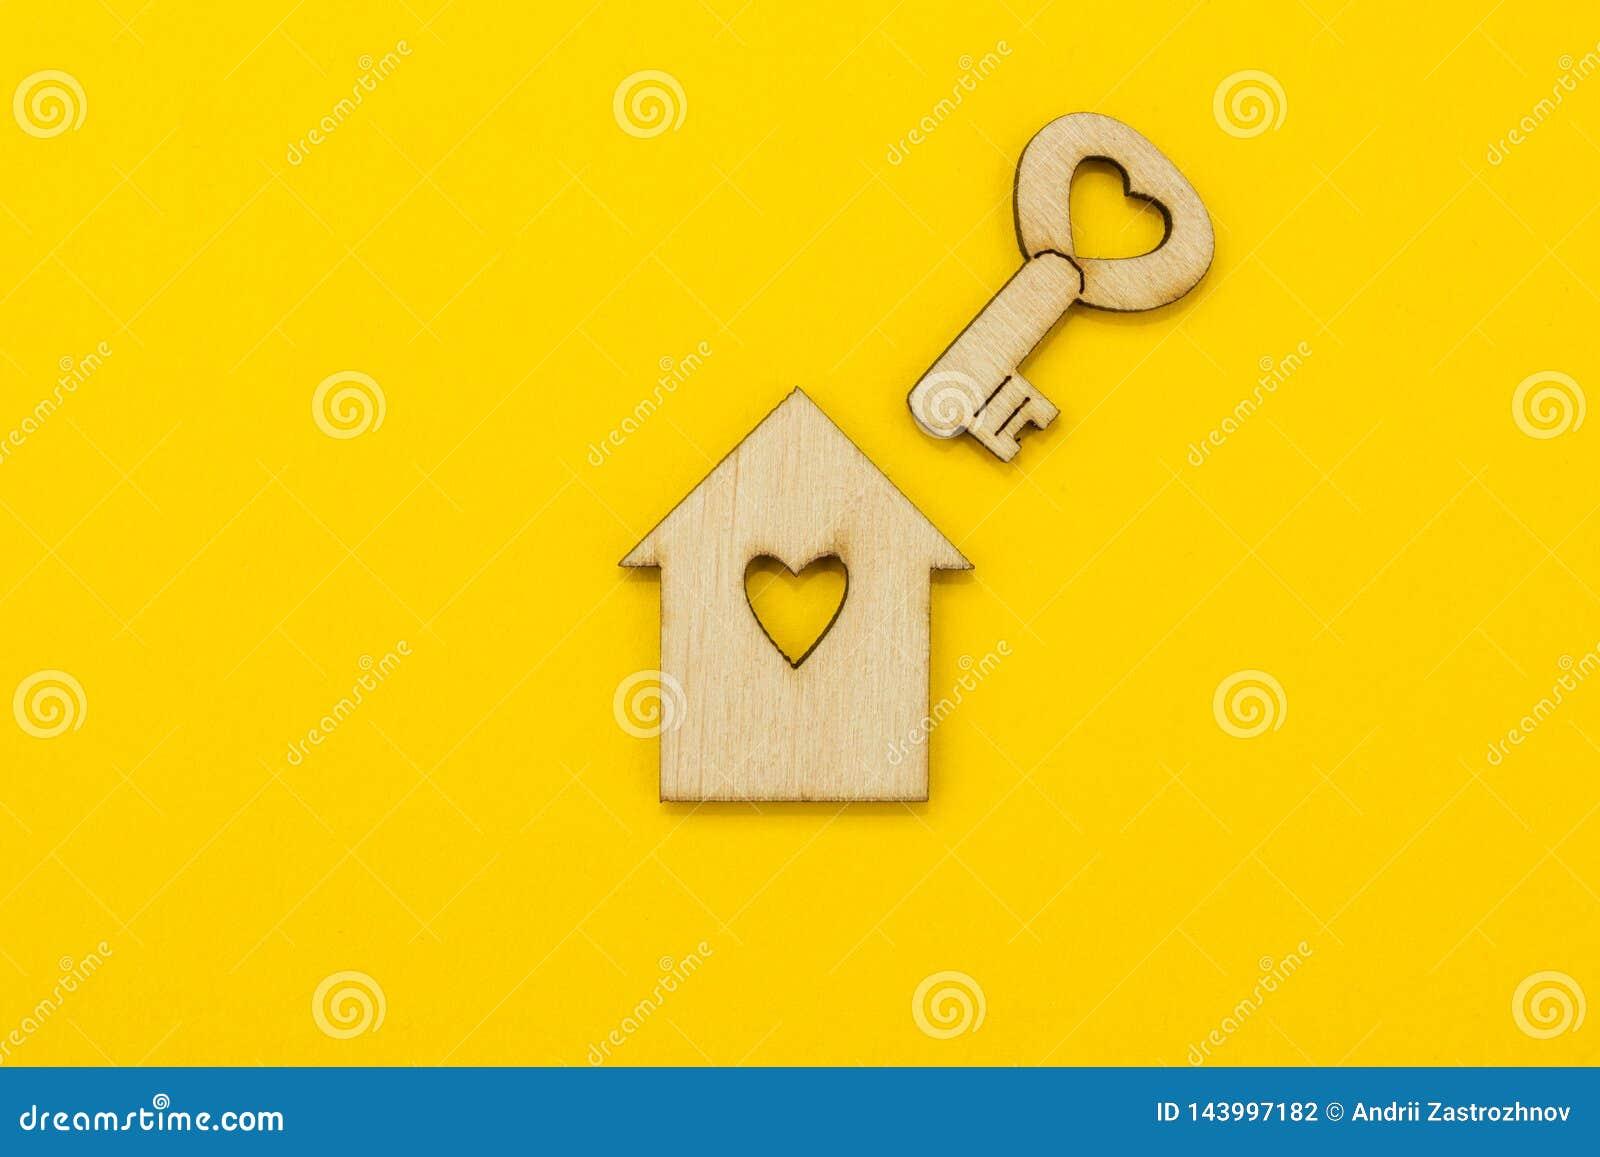 Symbole d une petite maison et une clé avec un coeur sur un fond jaune